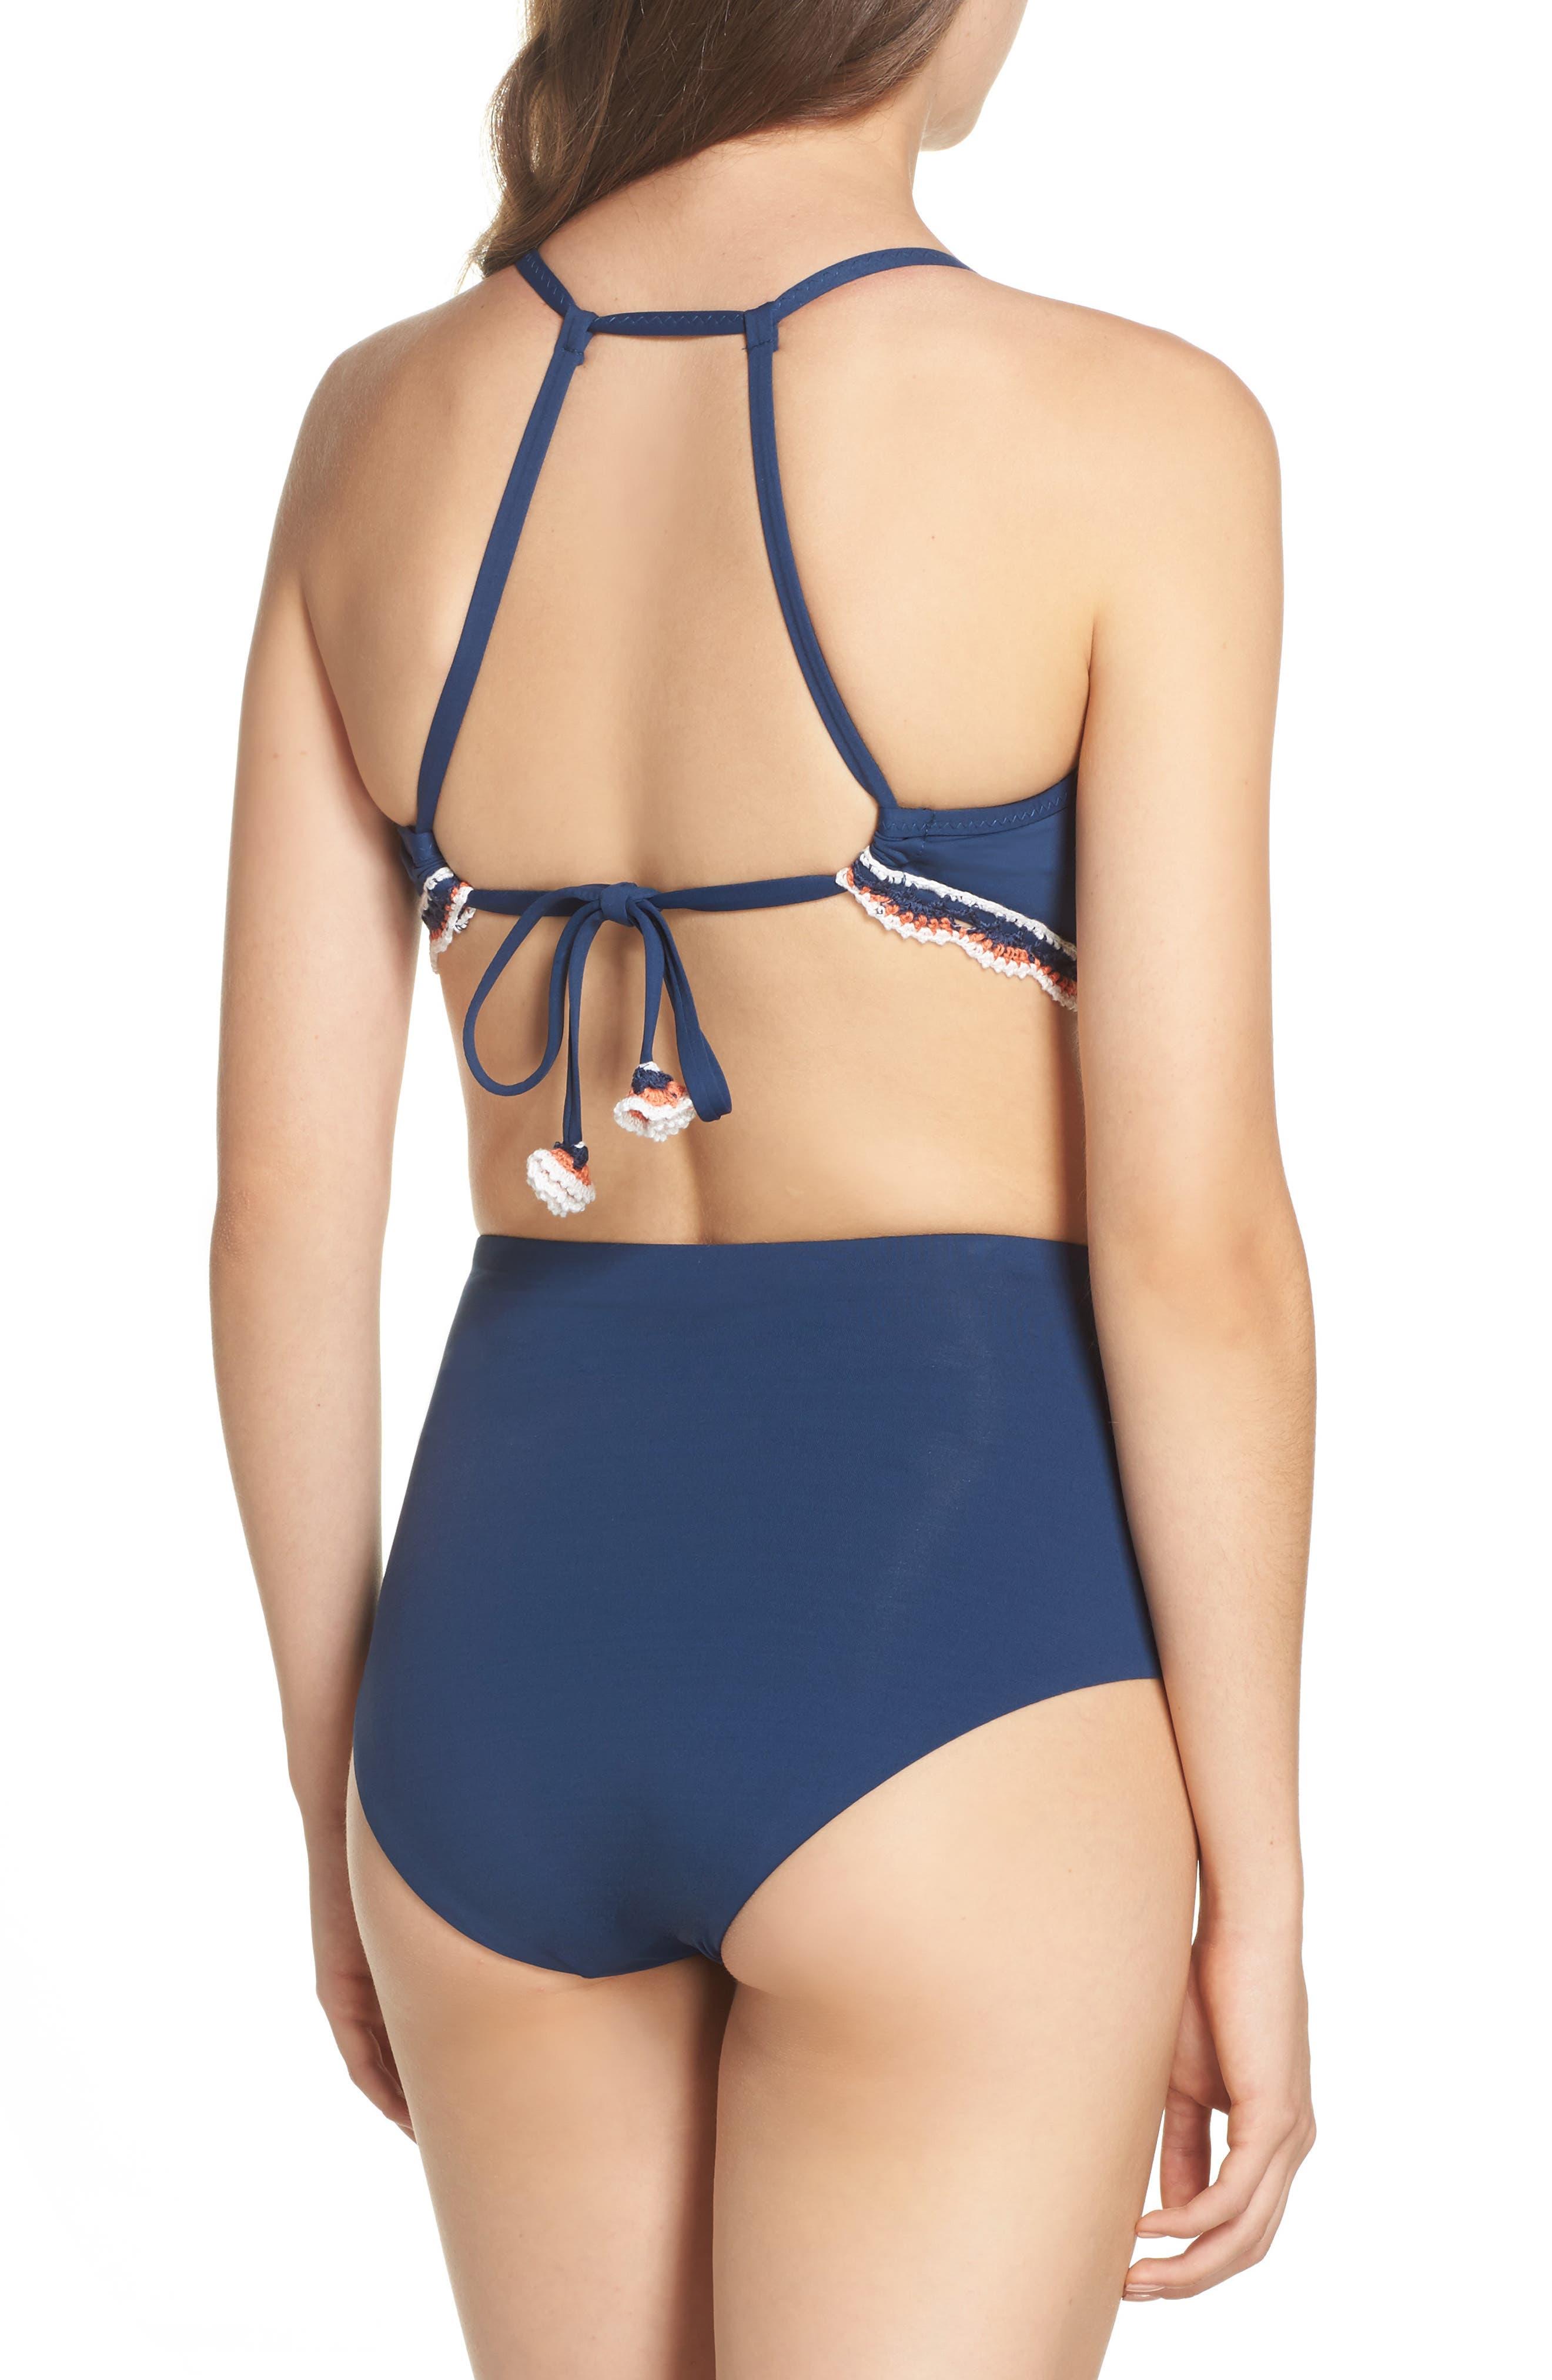 Medina Bikini Top,                             Alternate thumbnail 8, color,                             405